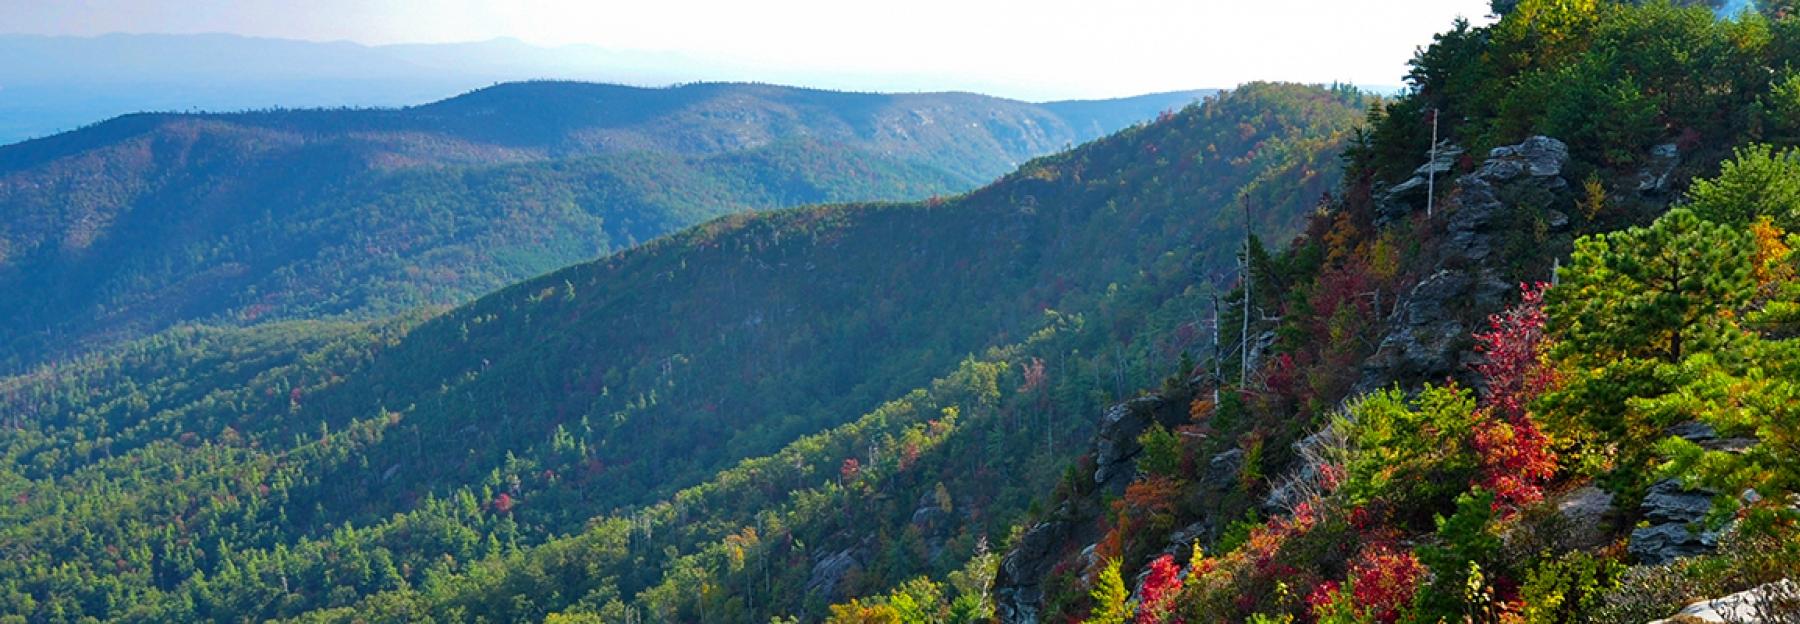 View of Blue Ridge Mountains near Boone, NC